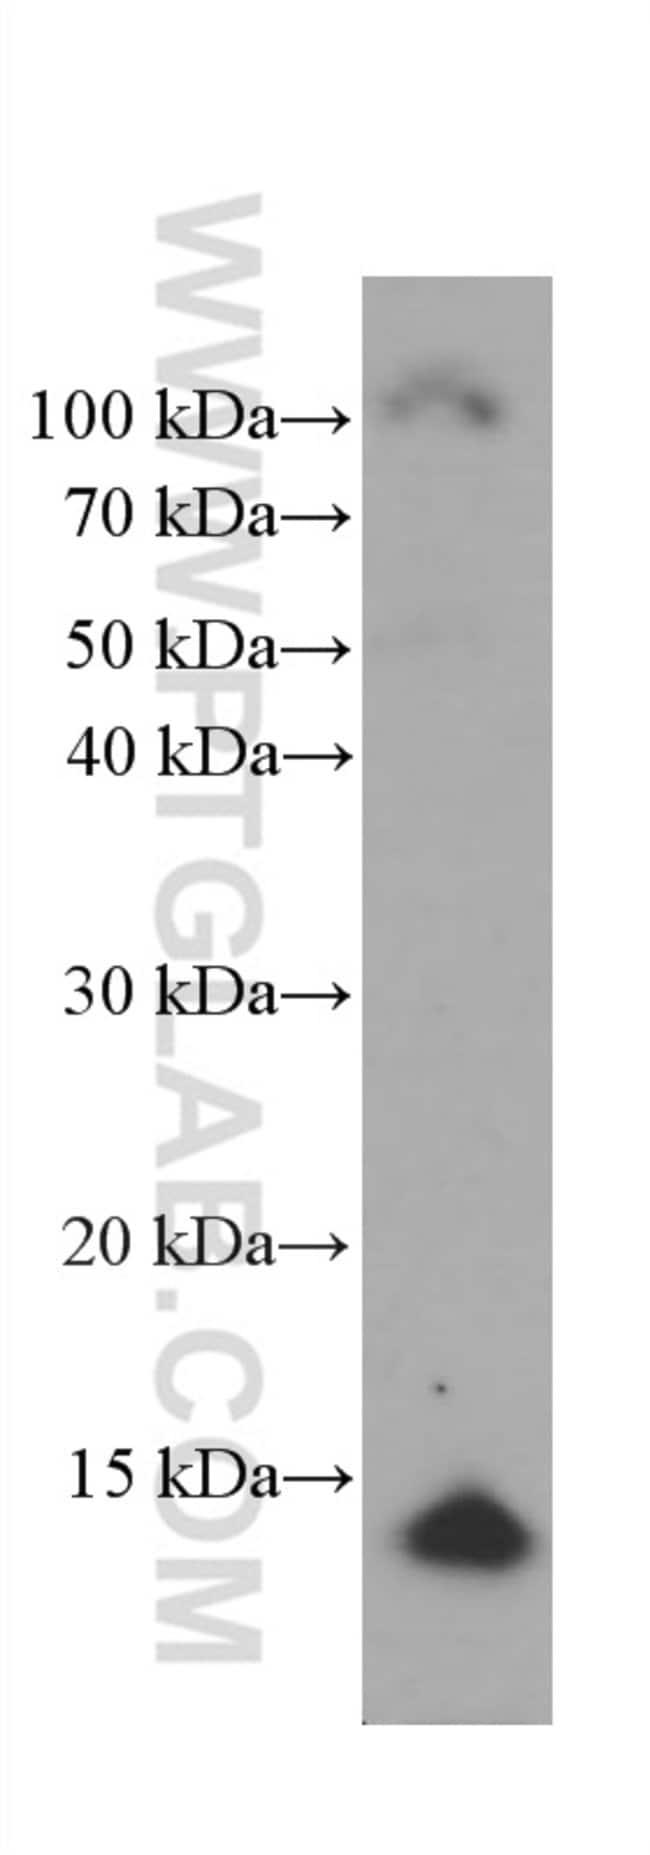 CRABP2 Mouse anti-Human, Mouse, Porcine, Rat, Clone: 1A5F3, Proteintech 150 μL; Unconjugated Ver productos